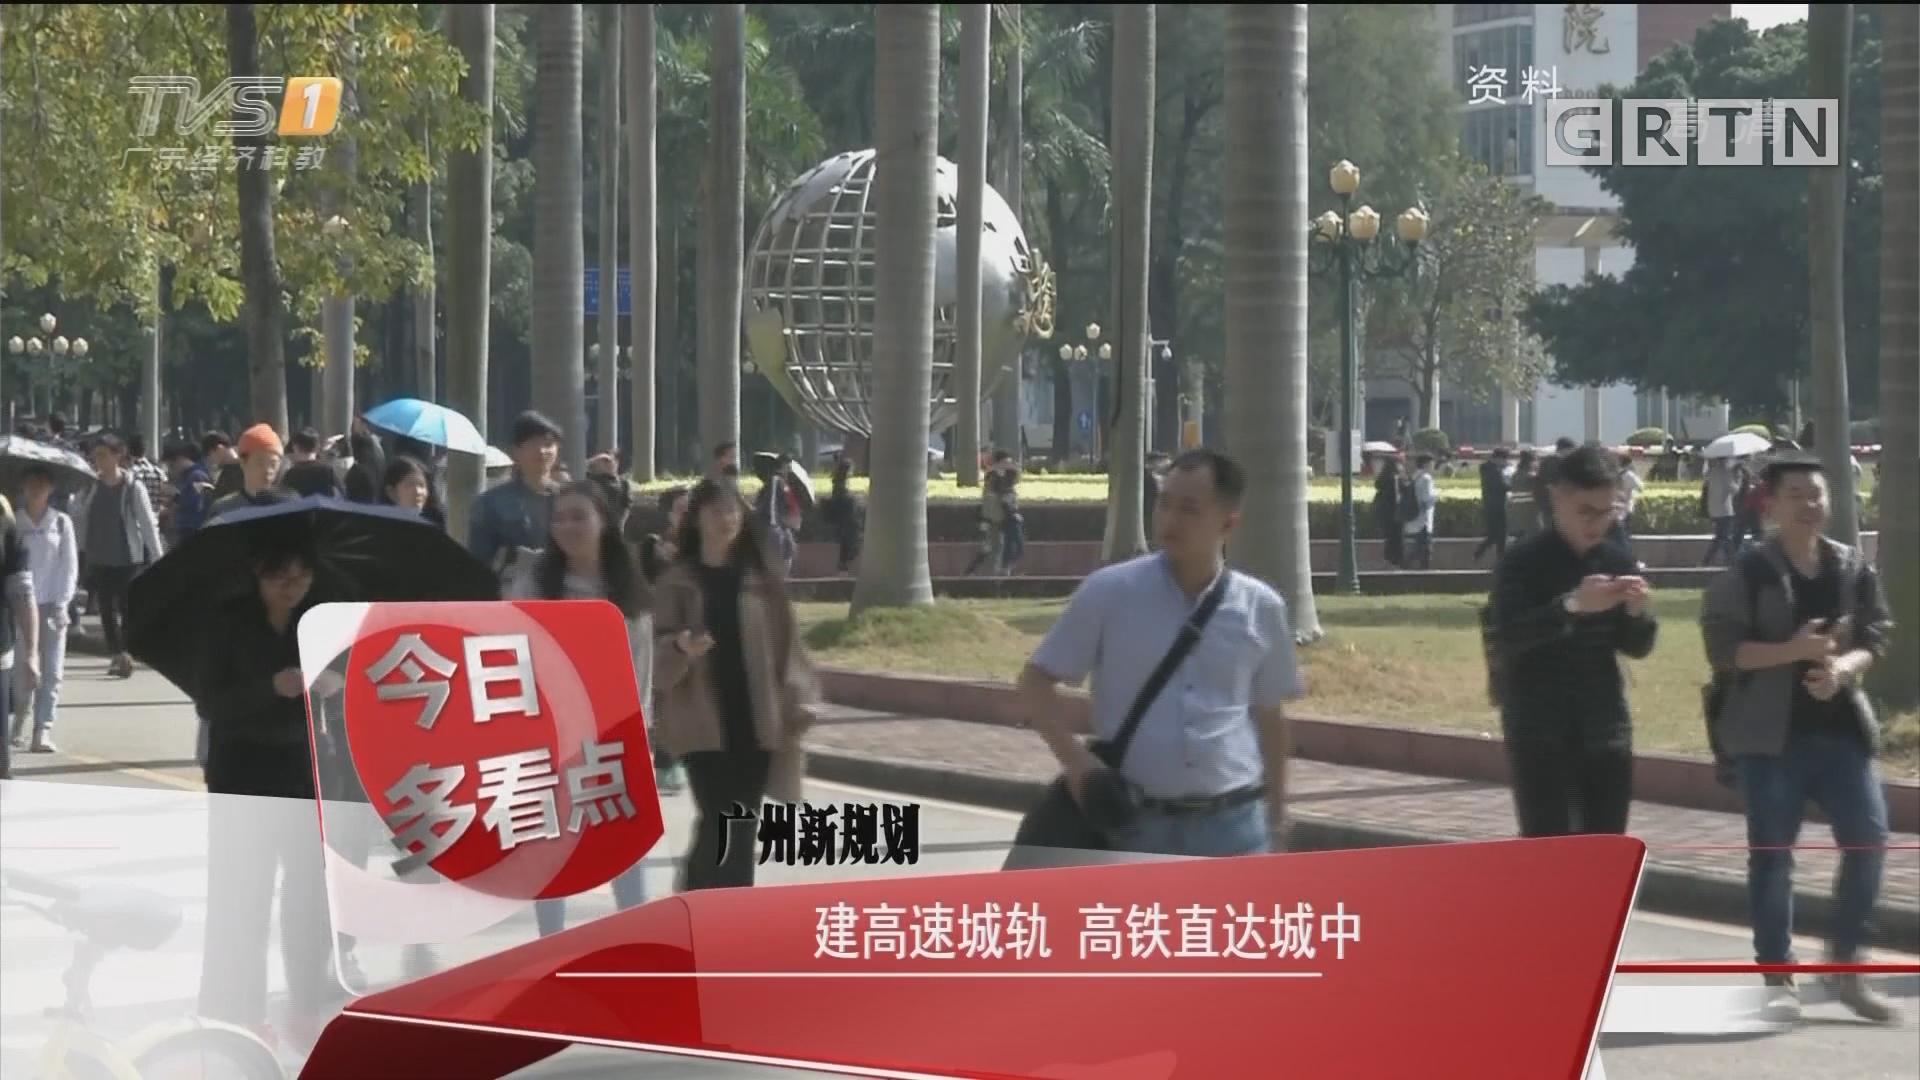 广州新规划:建高速城轨 高铁直达城中